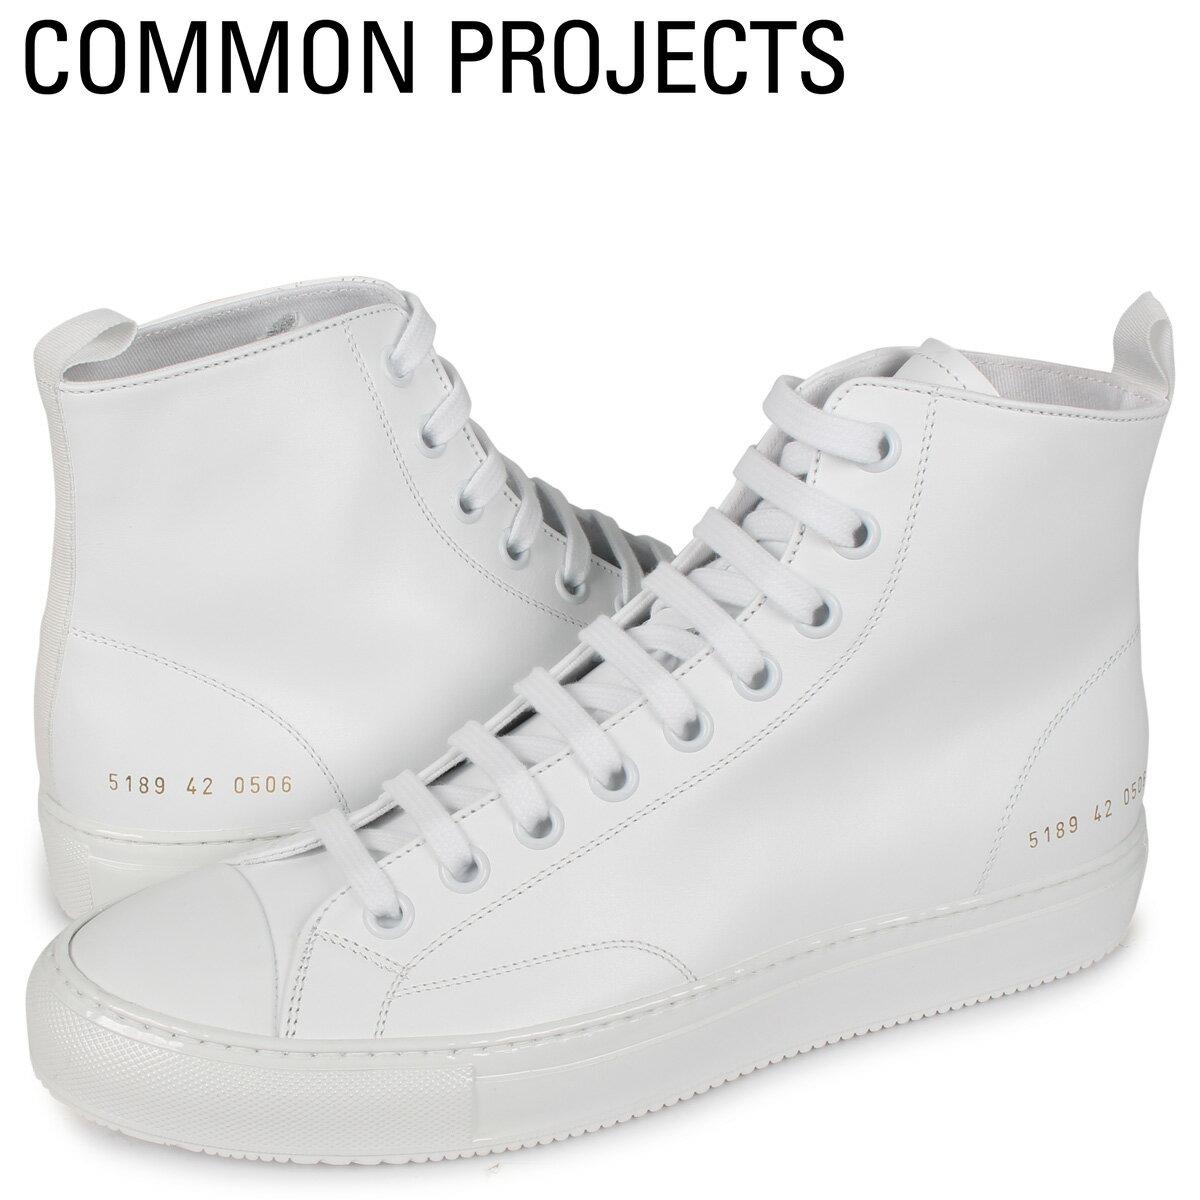 メンズ靴, スニーカー 2000OFF Common Projects TOURNAMENT HIGH IN LEATHER 5189-0506